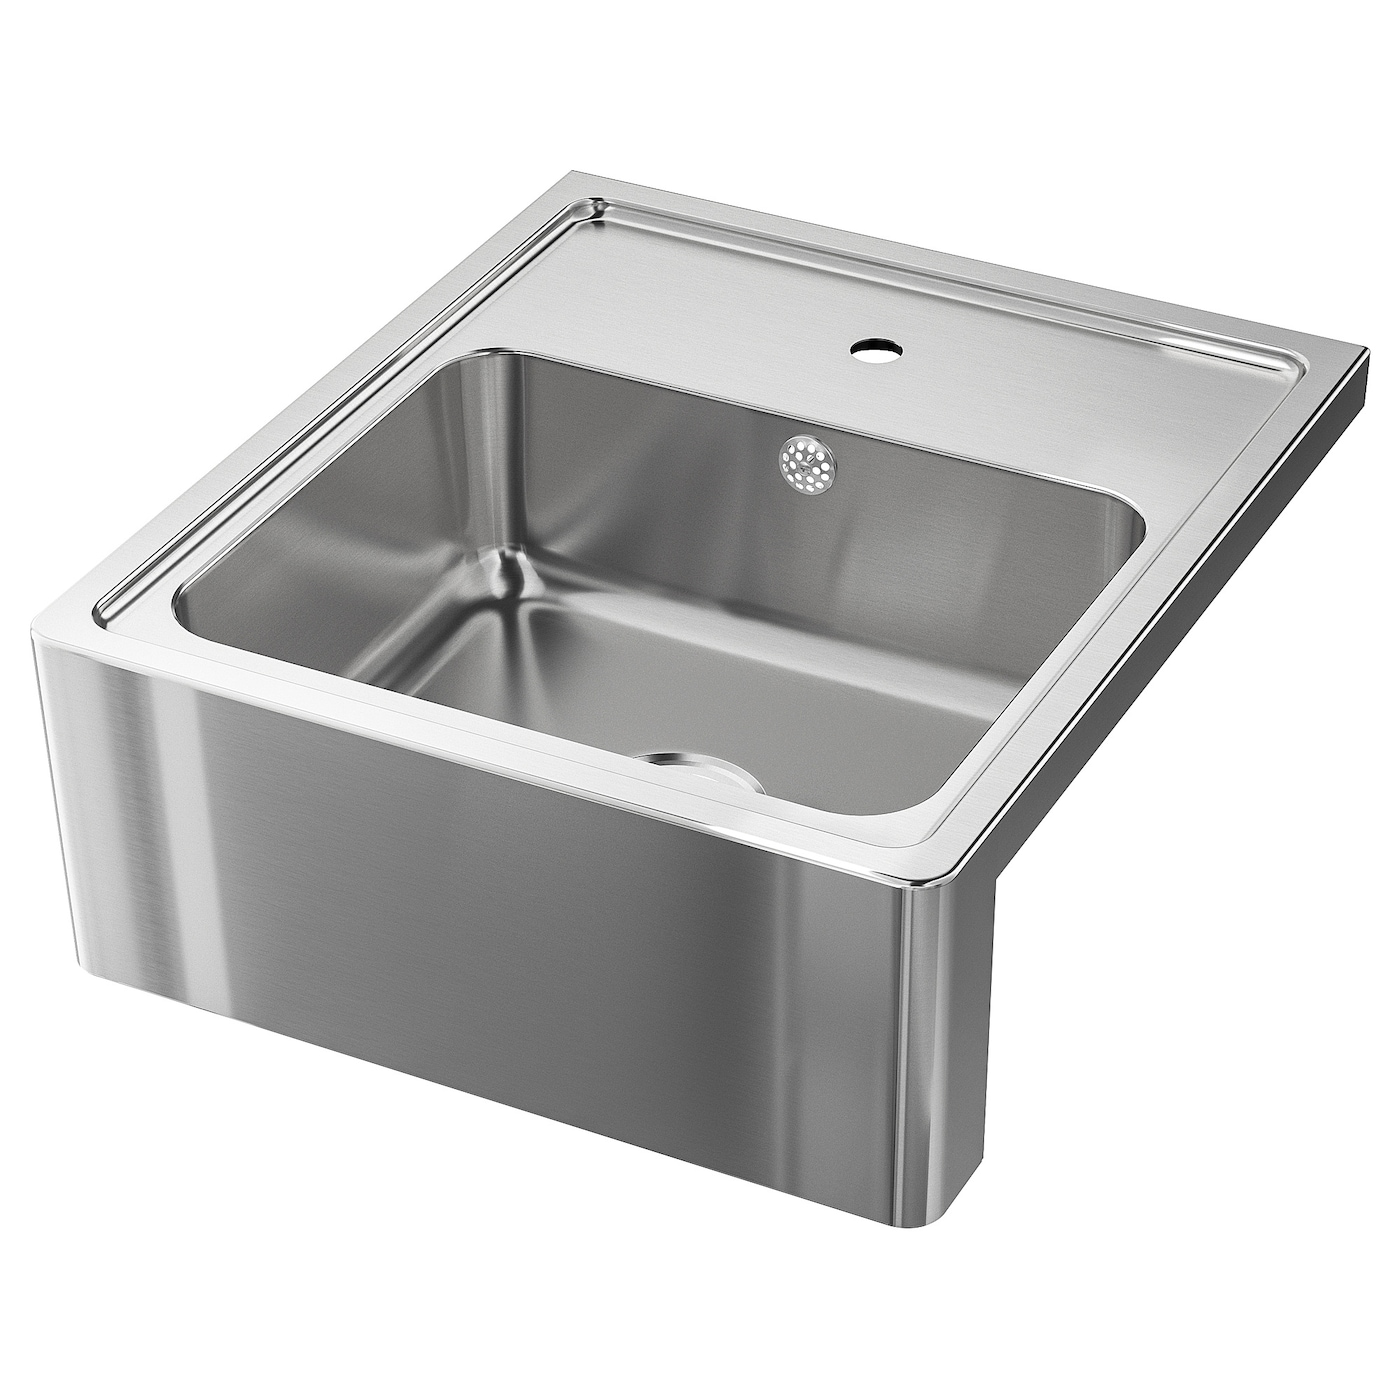 Stainless Steel & Ceramic Kitchen Sinks